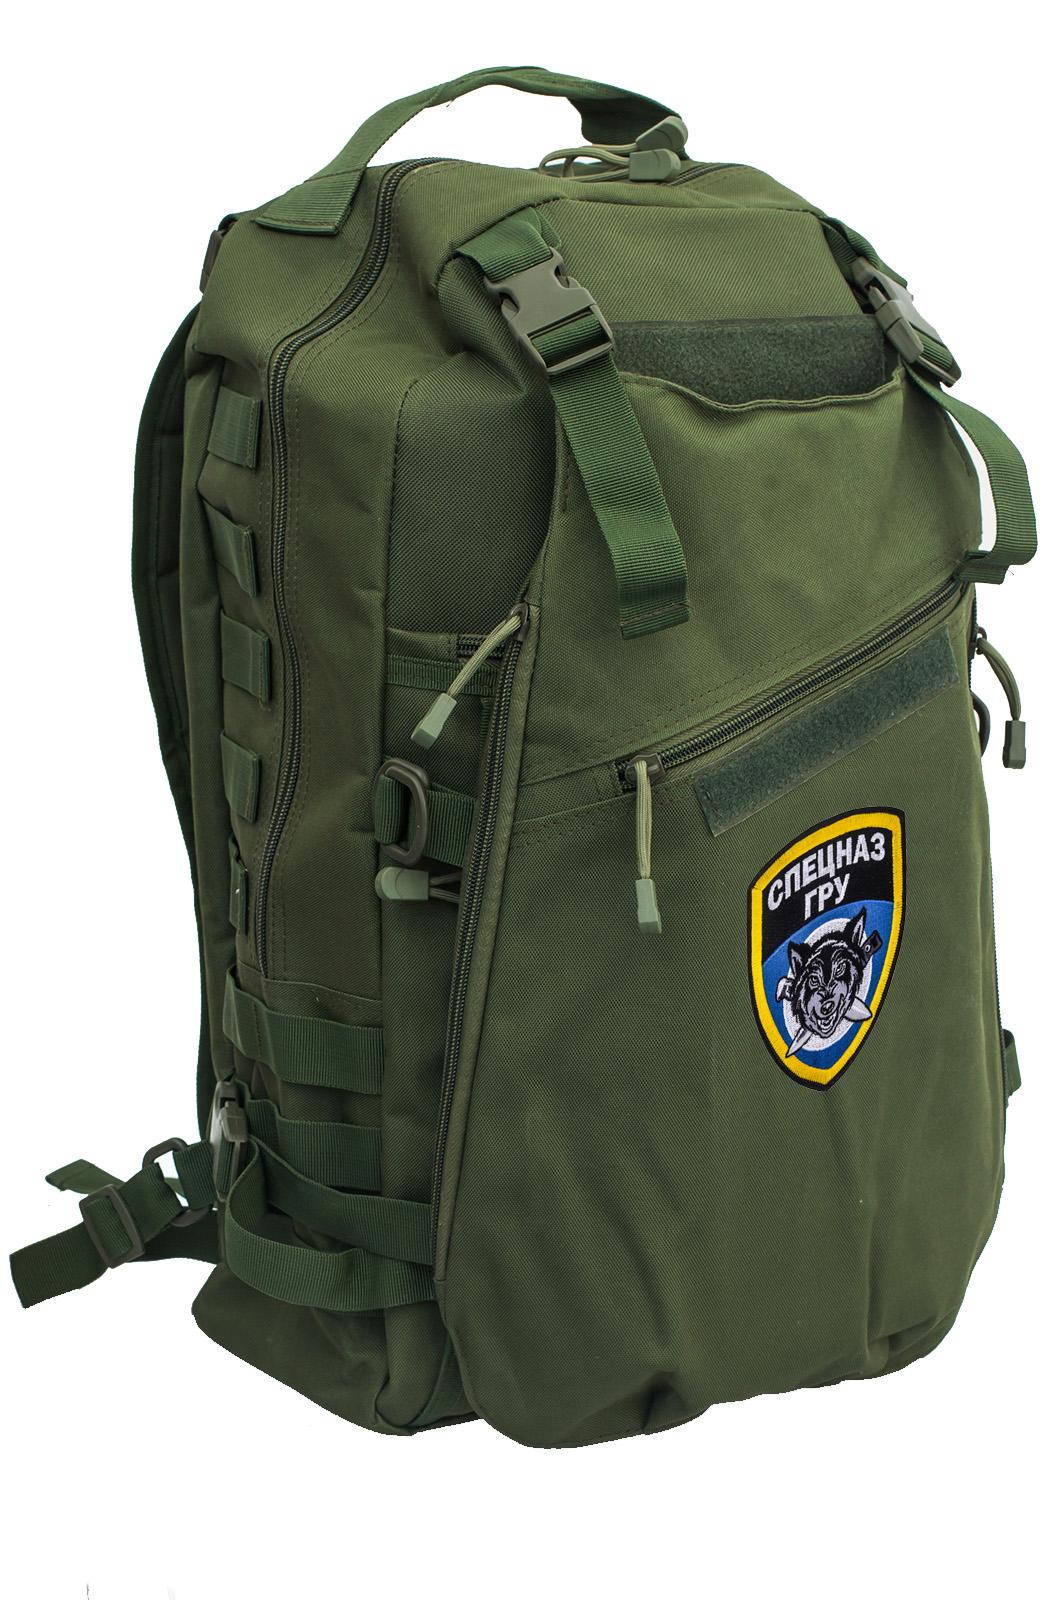 Продажа армейских рюкзаков: от Спецназа ГРУ, до Морской пехоты